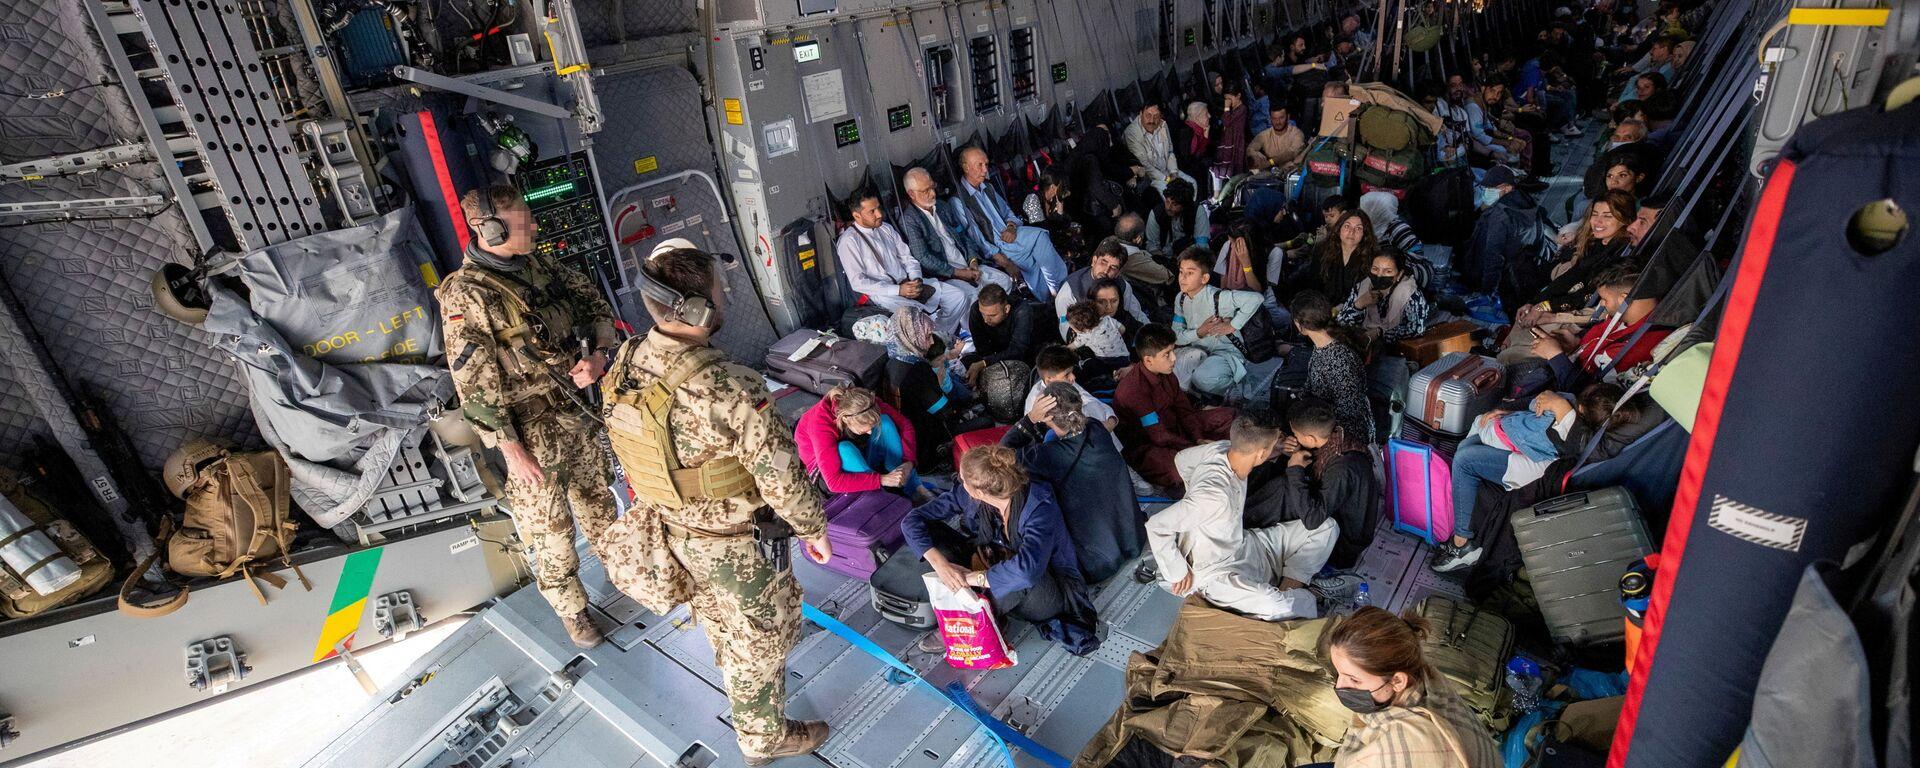 Эвакуированные из Афганистана, Узбекистан - Sputnik Узбекистан, 1920, 20.08.2021